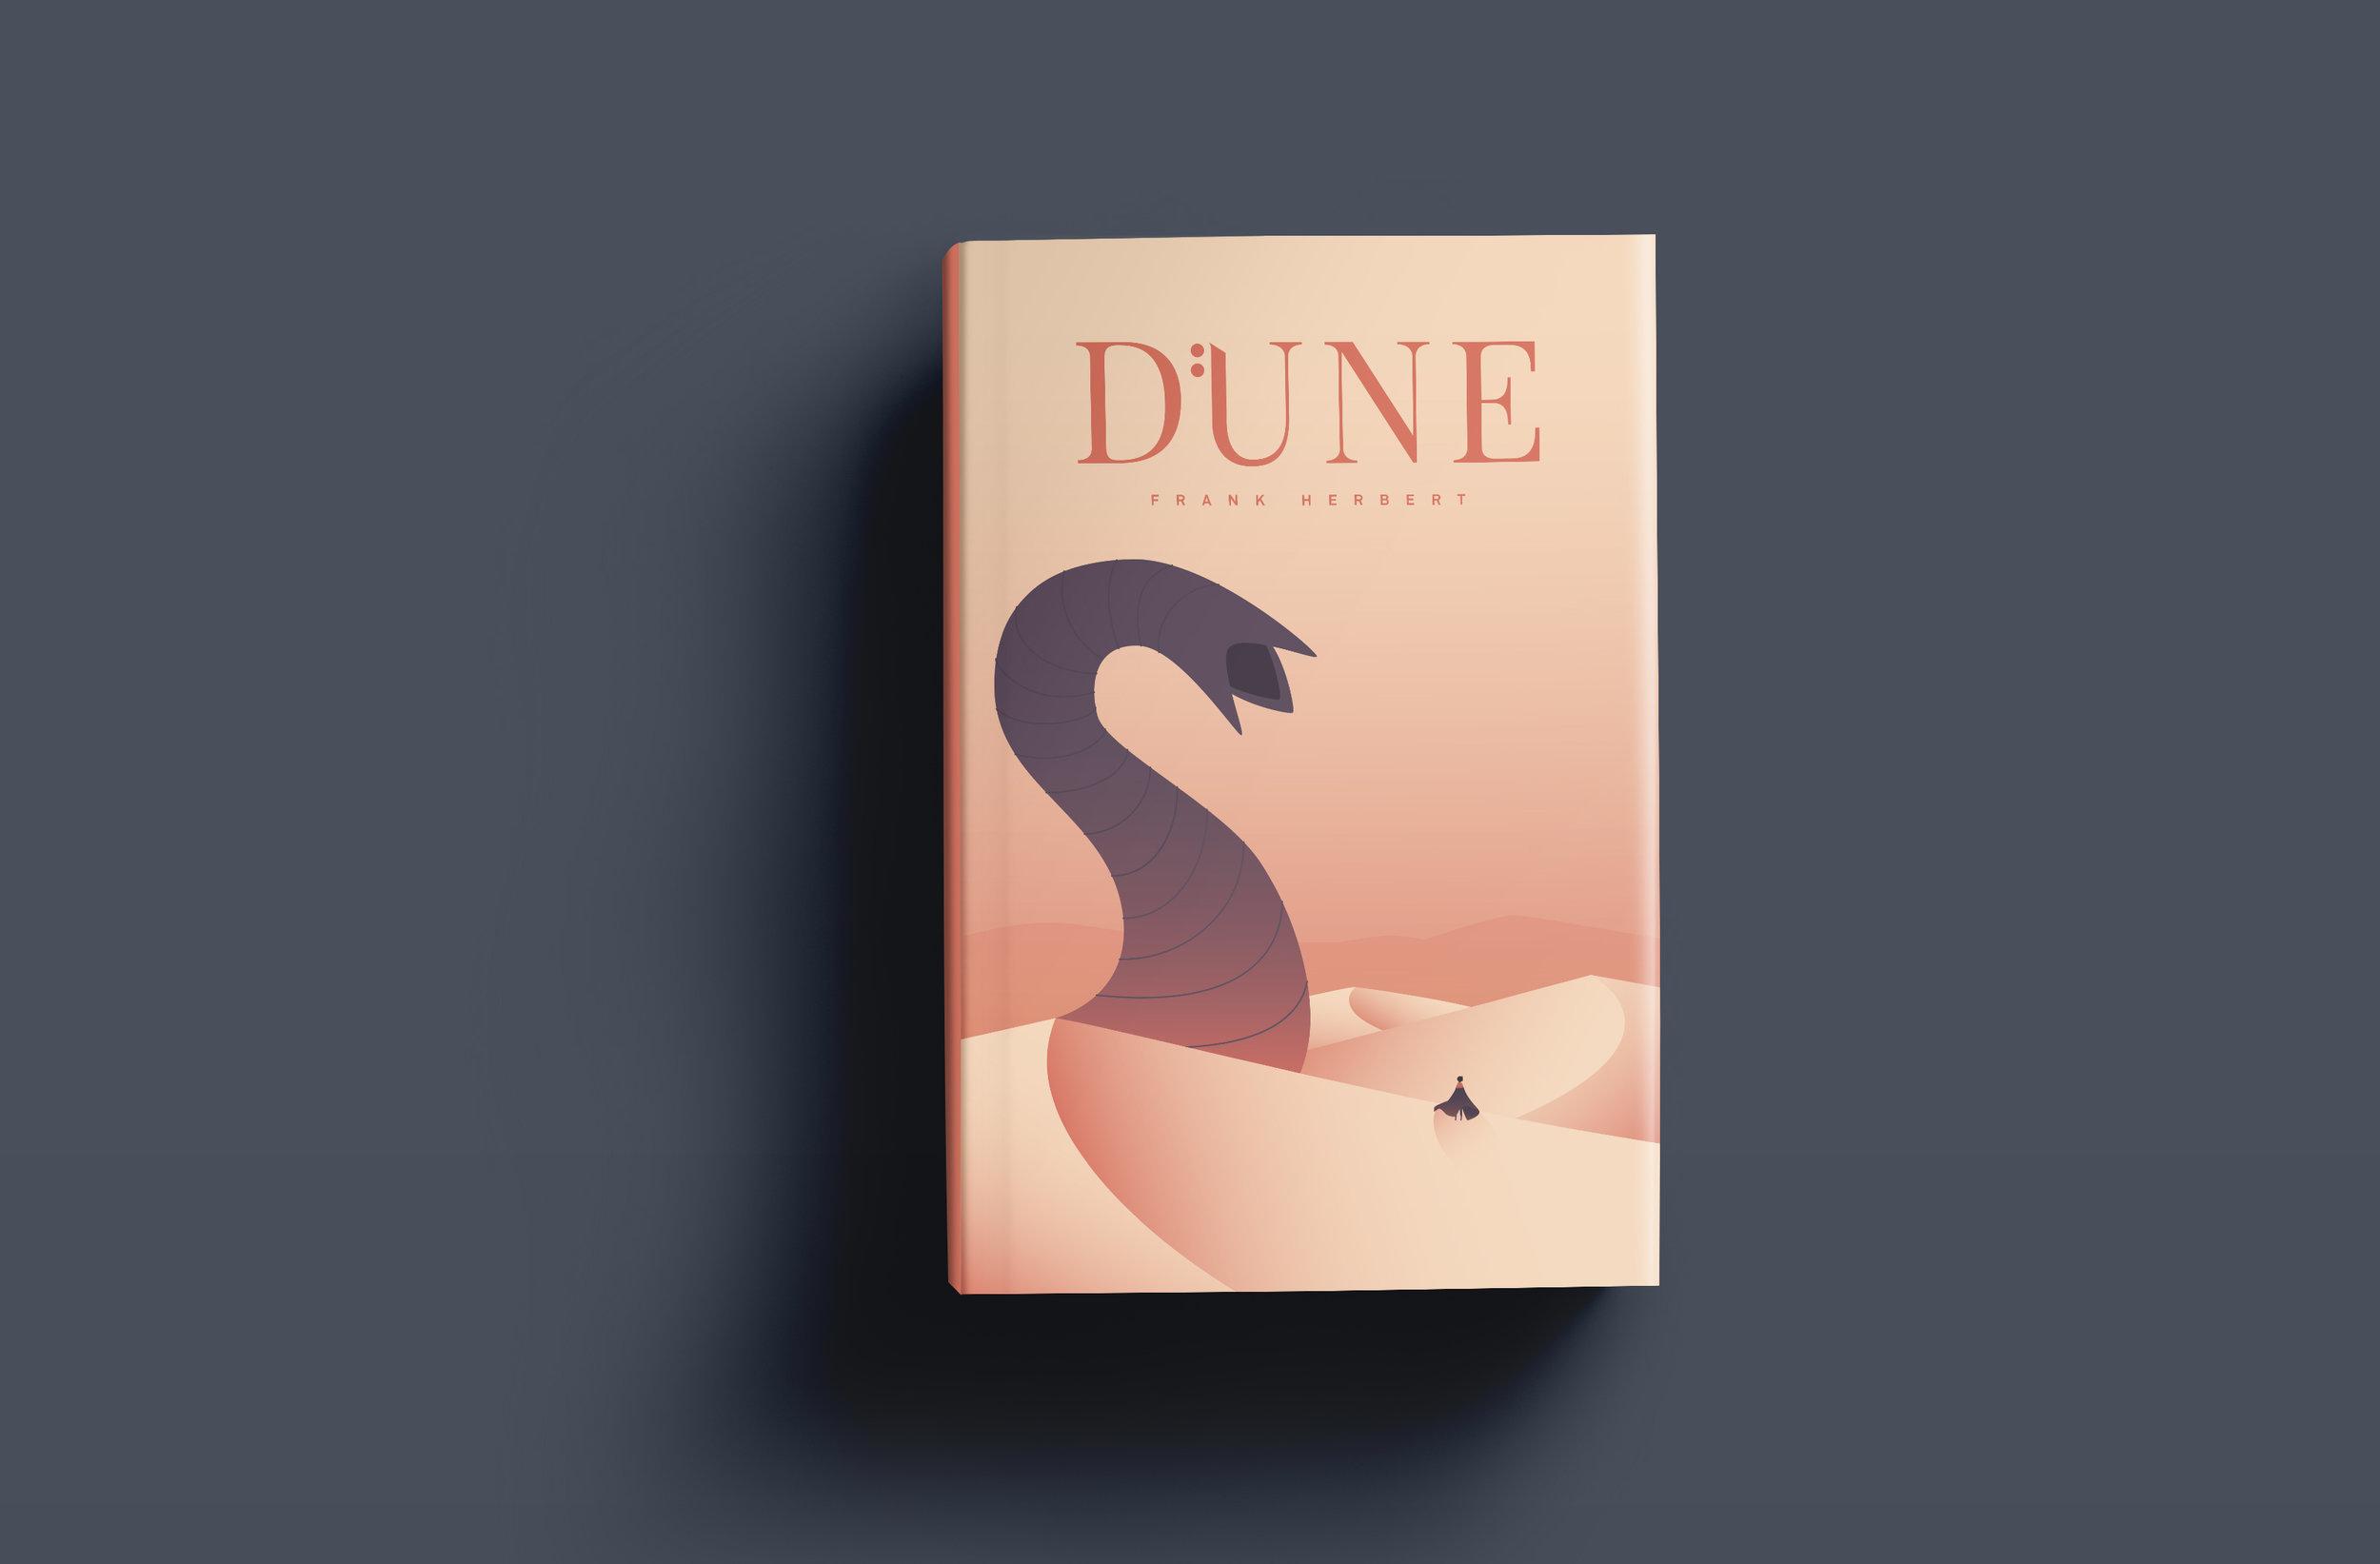 Dune_dust_cover_mock.jpg